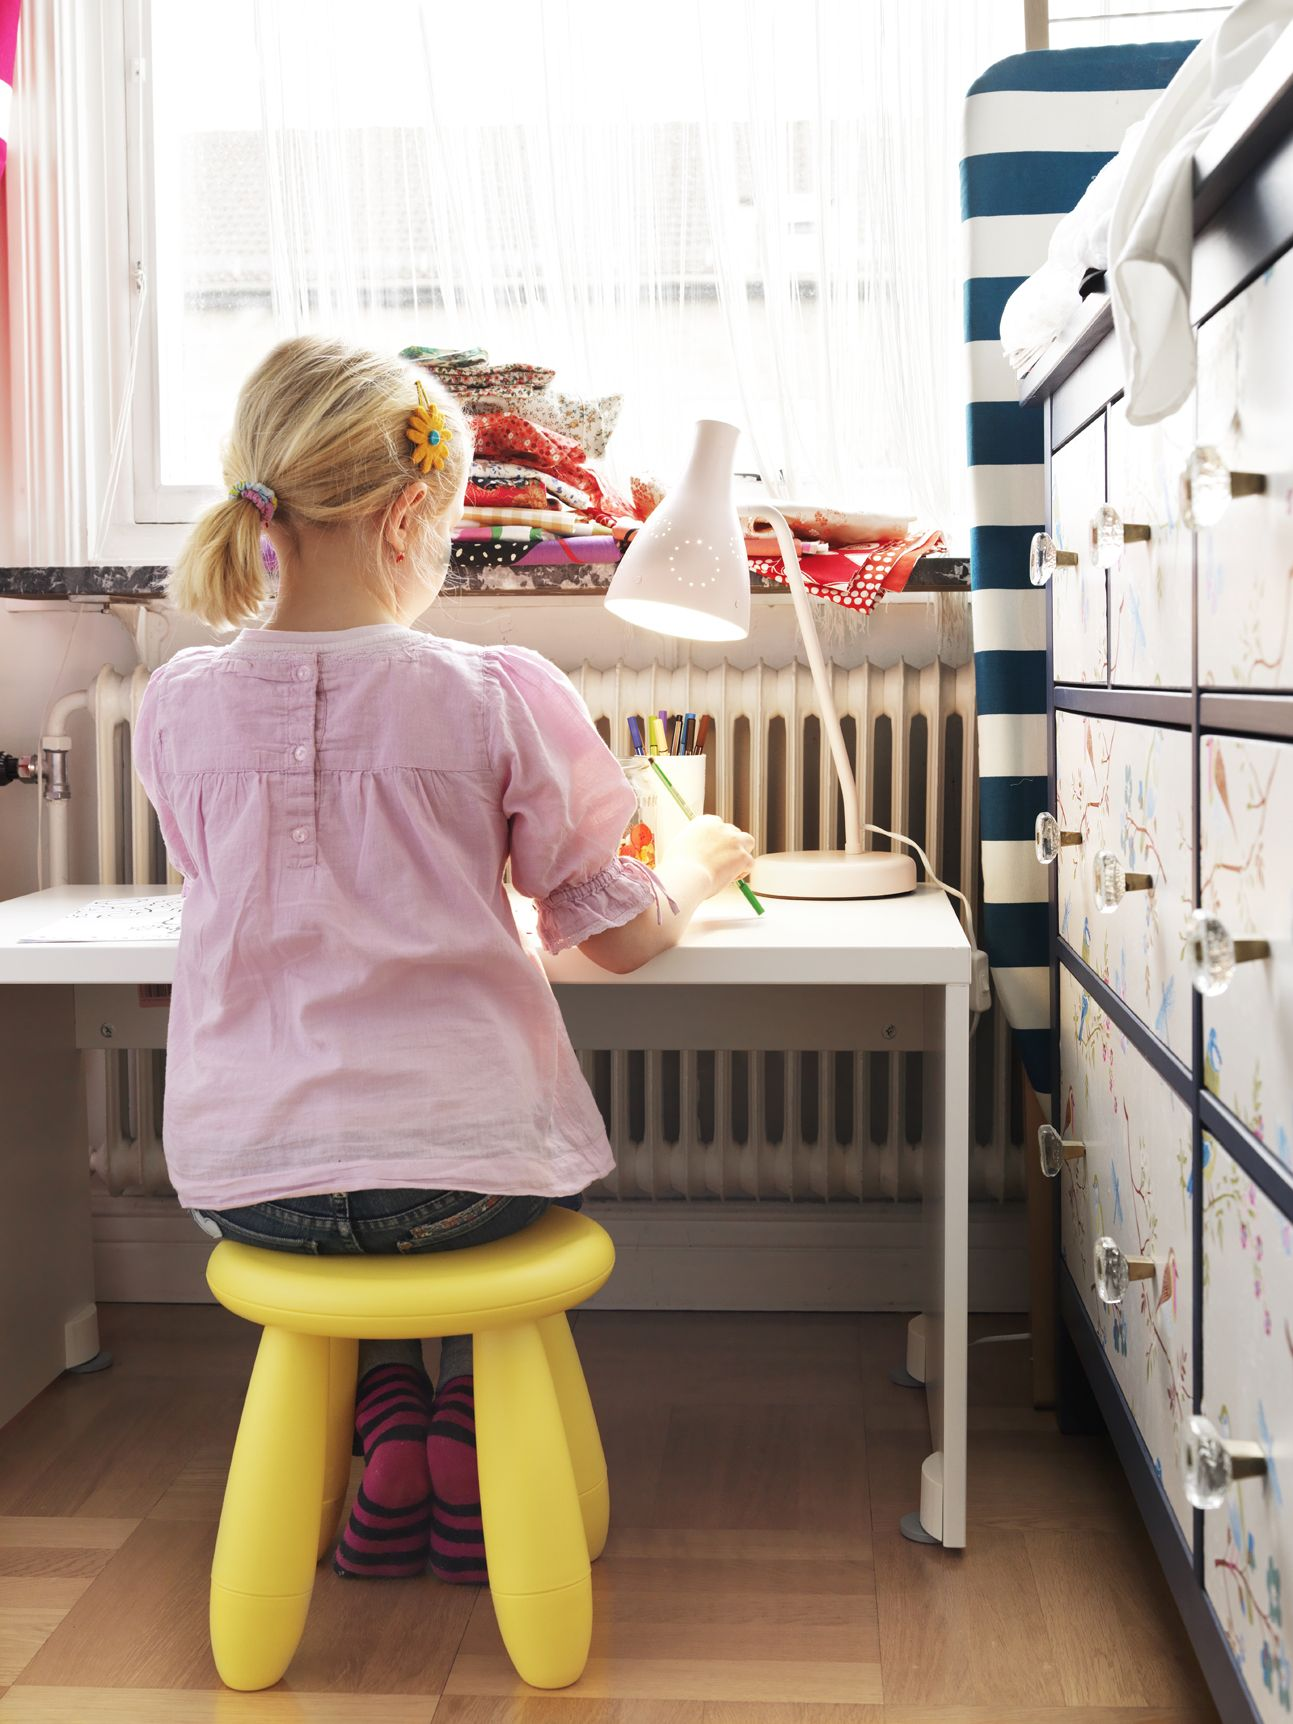 Produkte Für Babys Kinder Kaufen Kinderhocker Kinder Hocker Kinder Zimmer